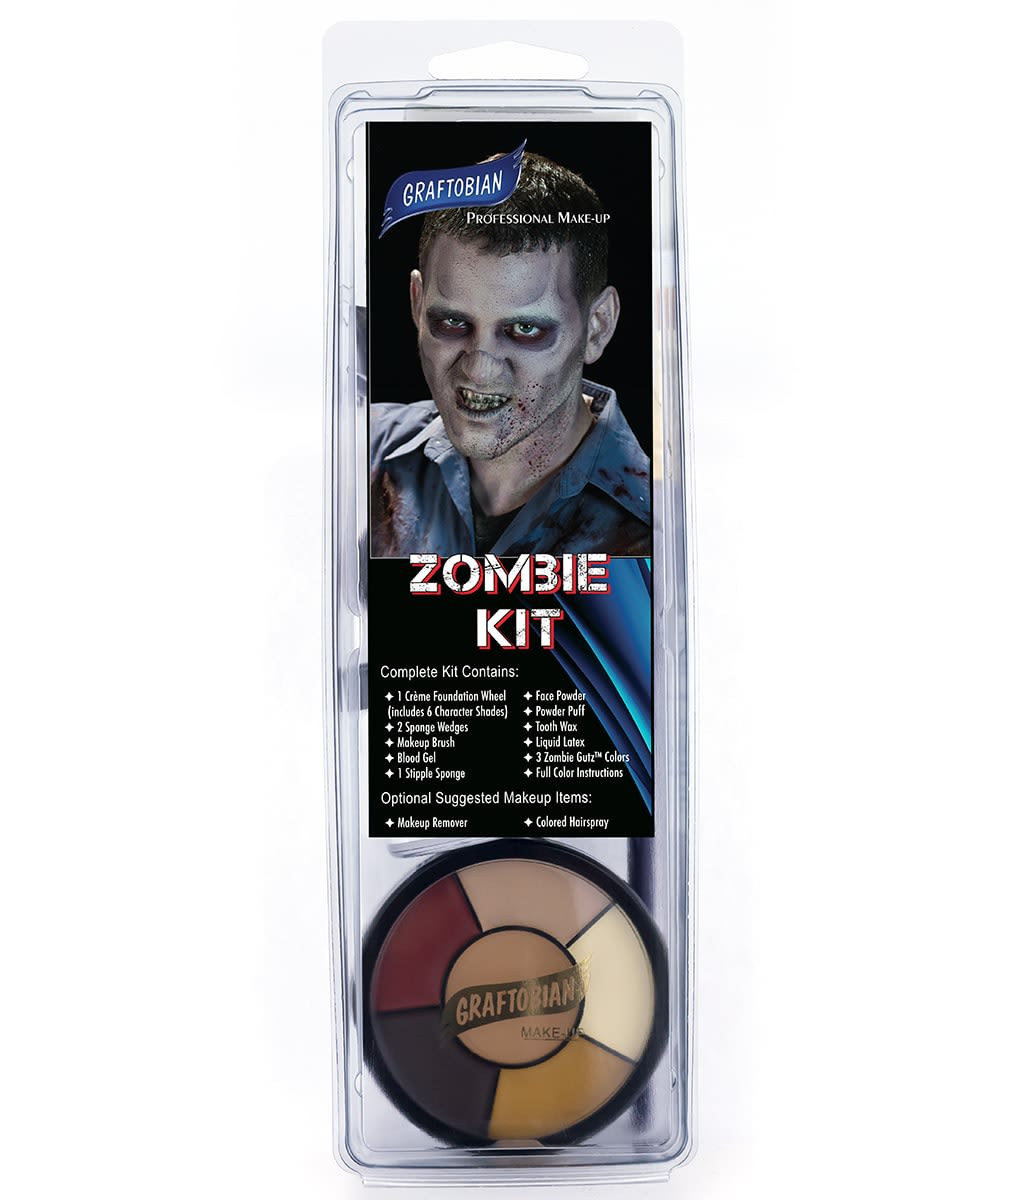 Zombie Makeup Kit Graftobian Make Up